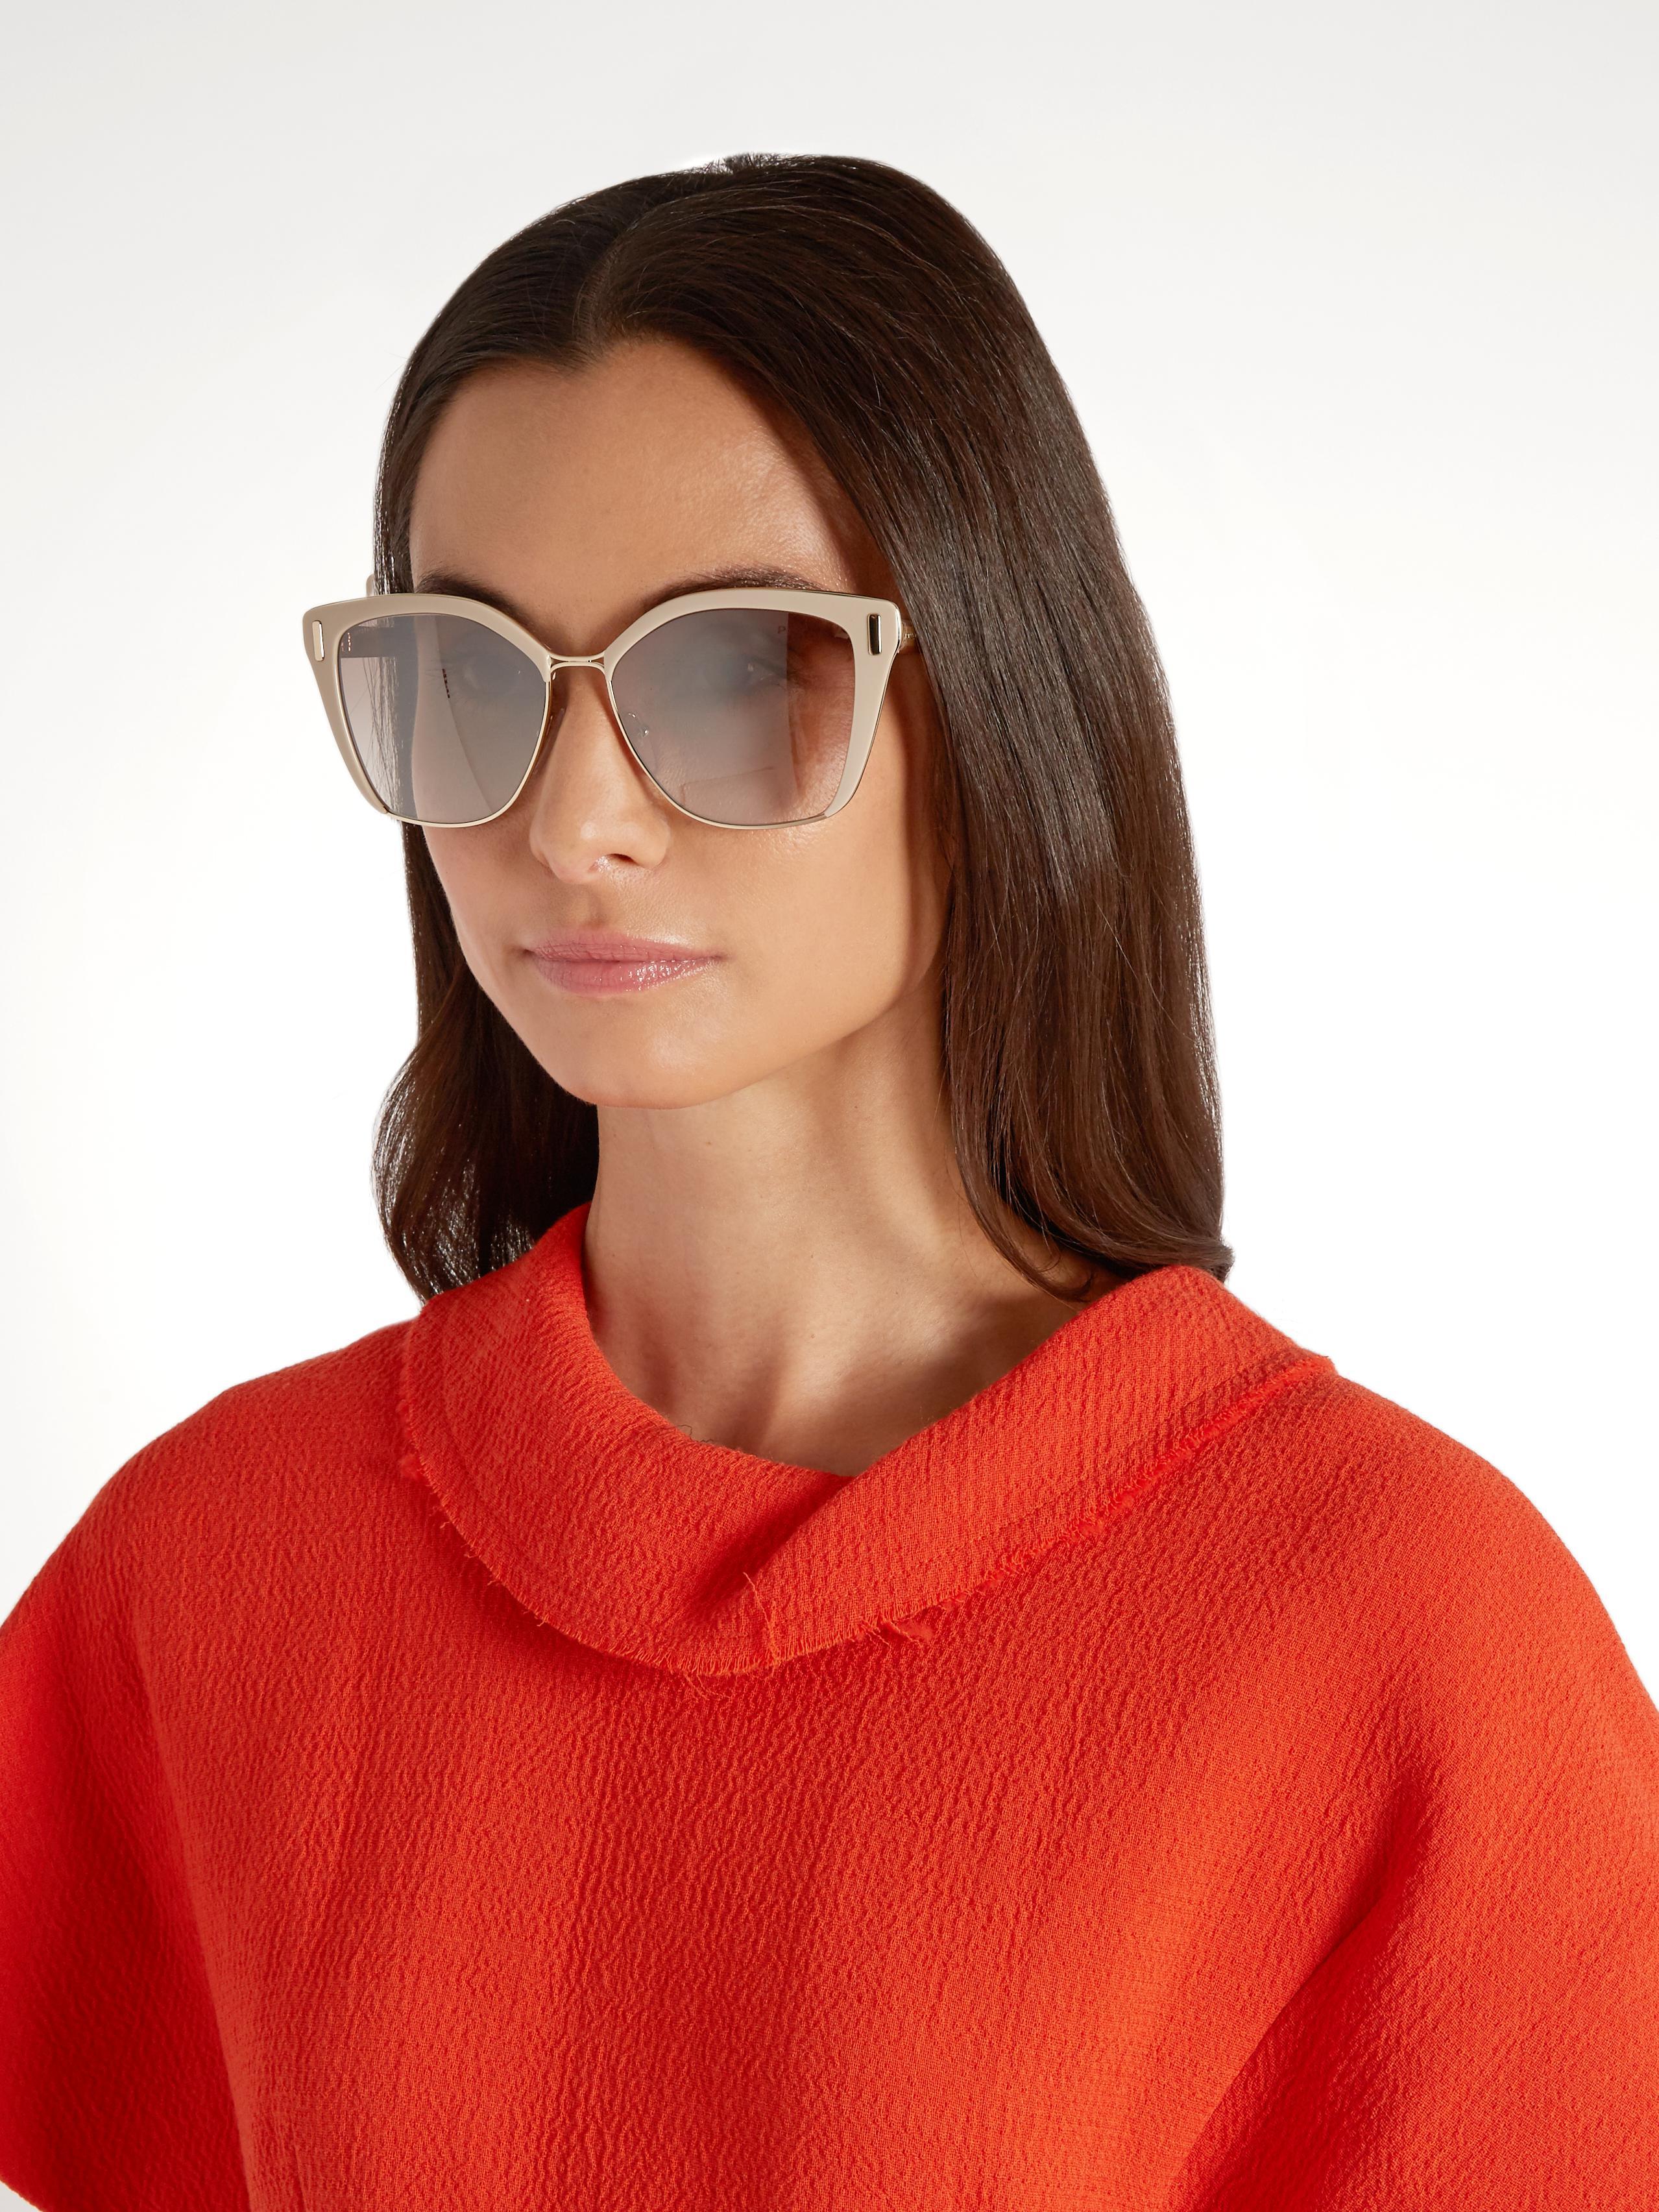 310abba292fab Lyst - Prada Cat-eye Acetate And Metal Sunglasses in Natural